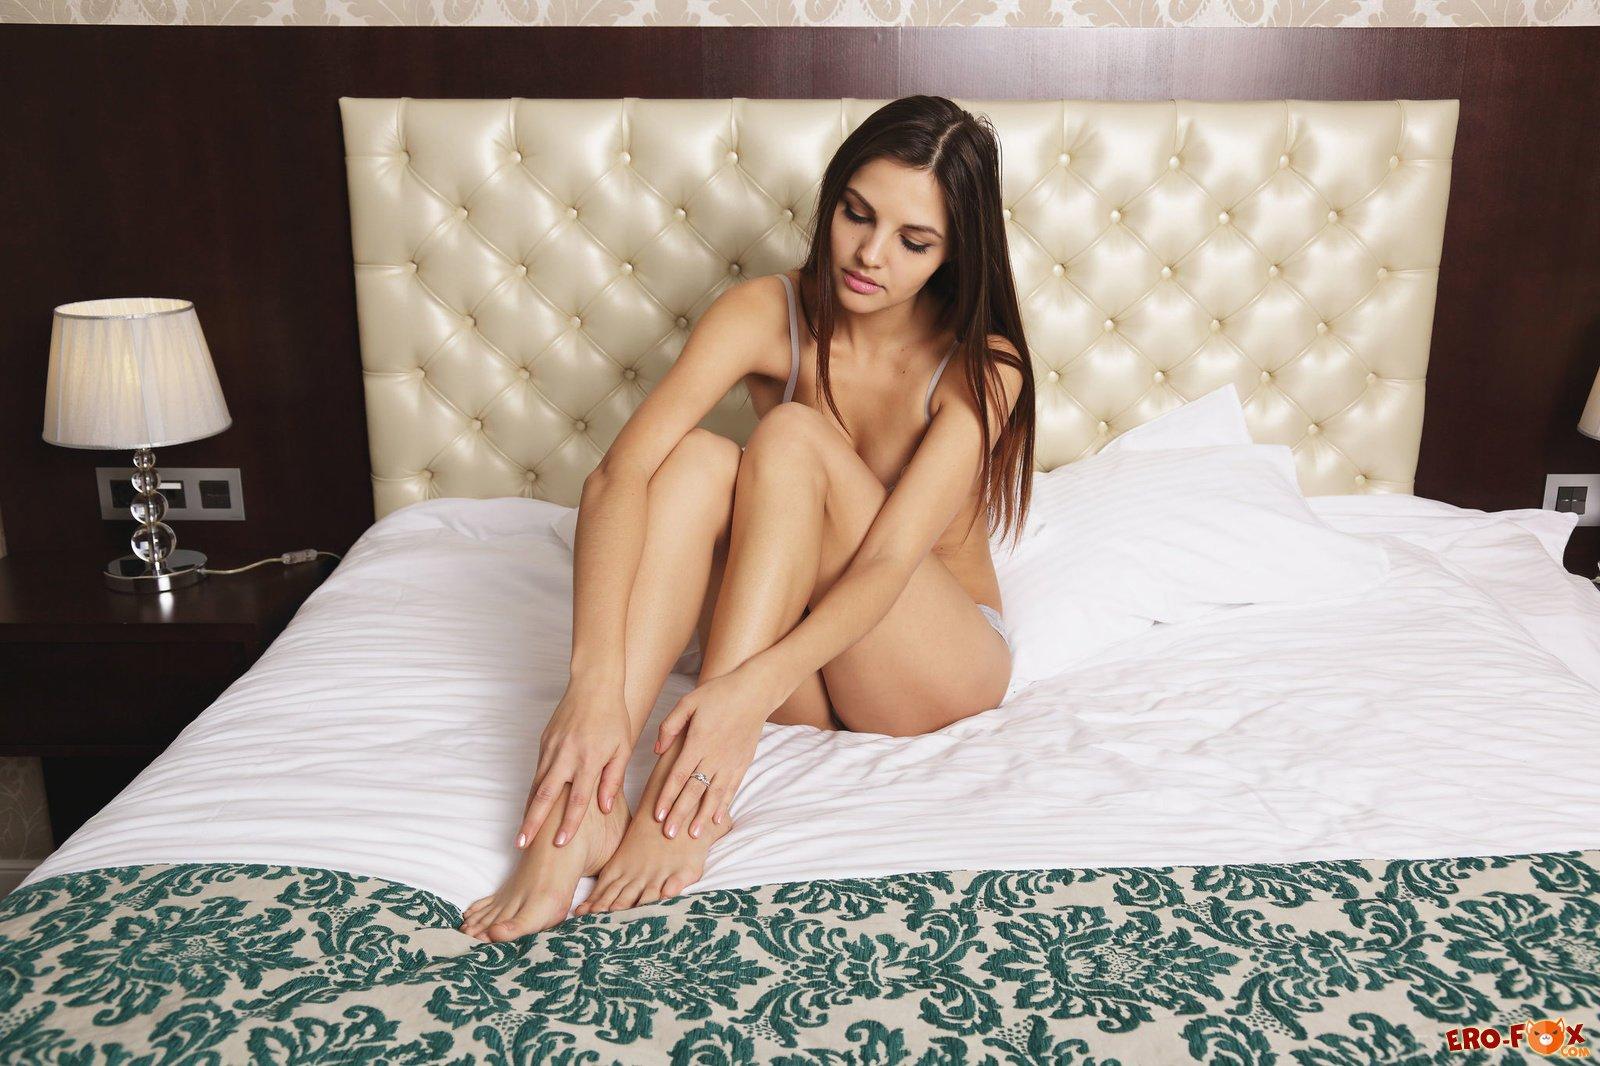 Девушка сняла трусики на кровати в спальне